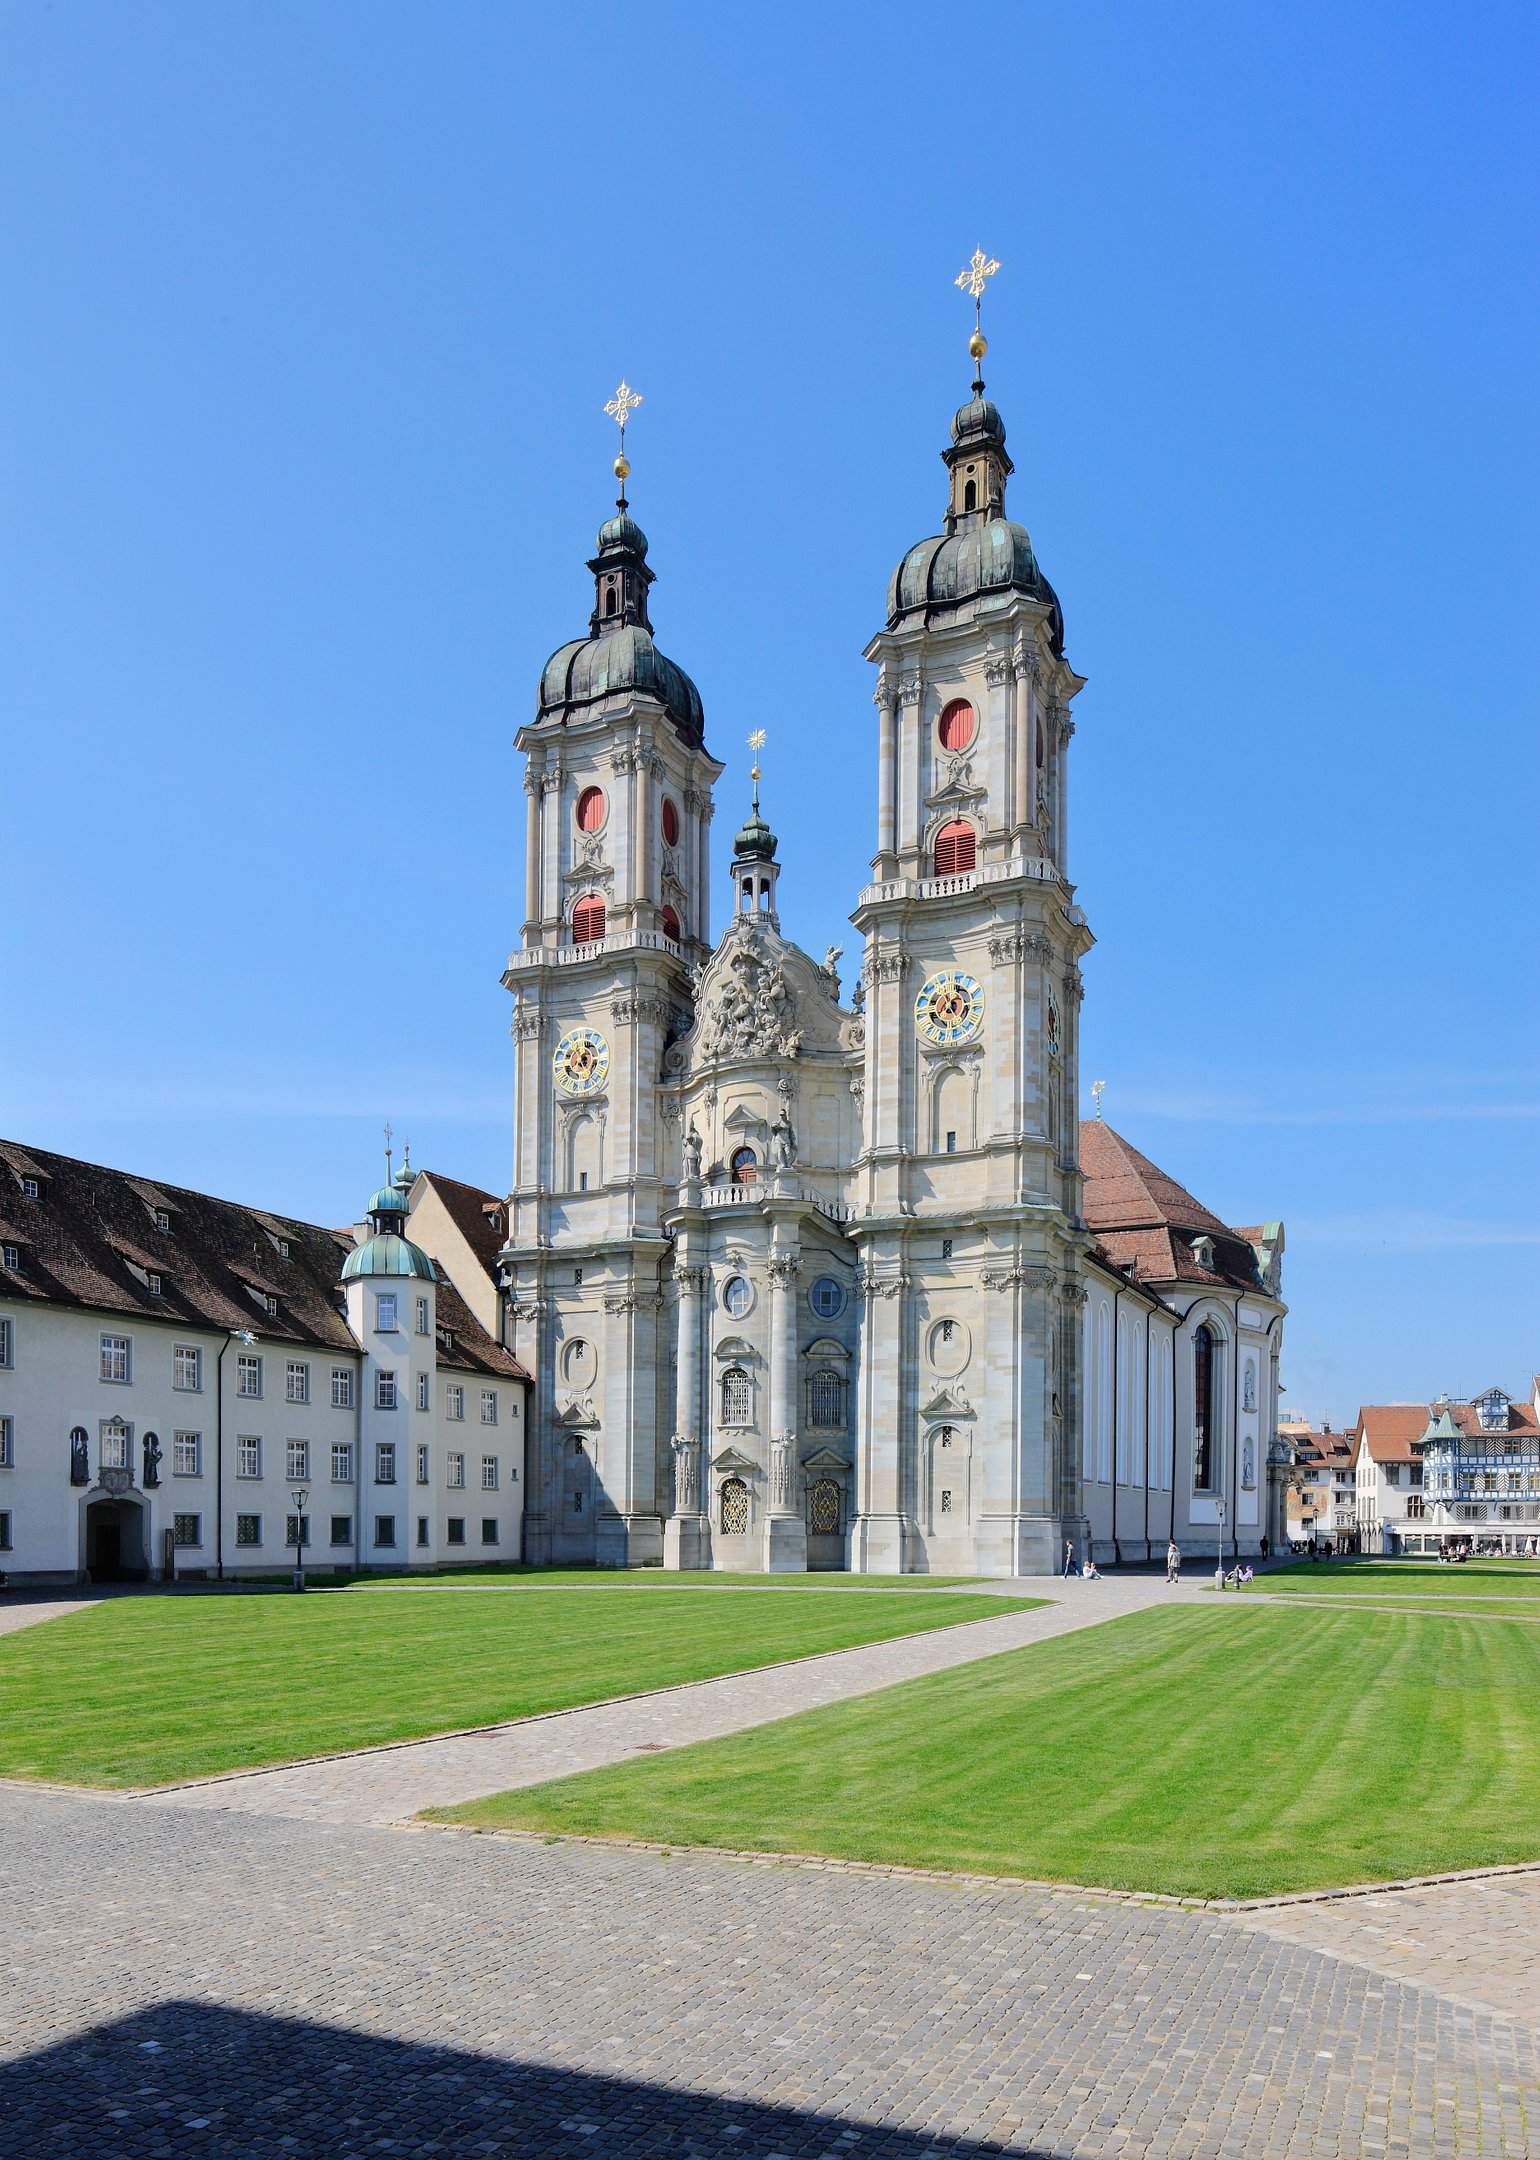 Katholischer Konfessionsteil des Kantons St. Gallen